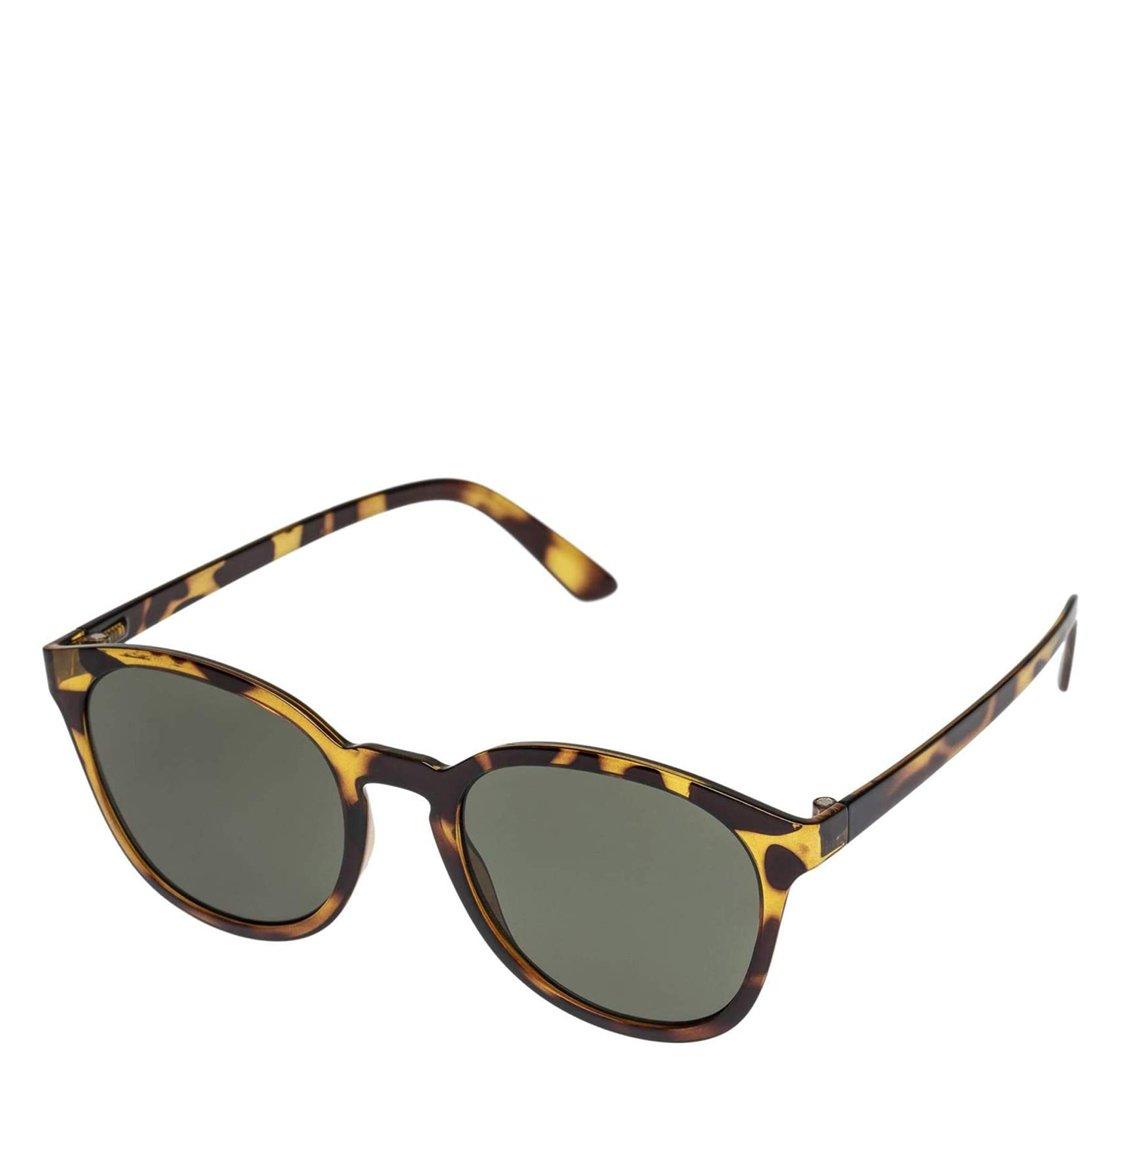 Le Specs Rectangle Tortoise Γυαλιά Ηλίου